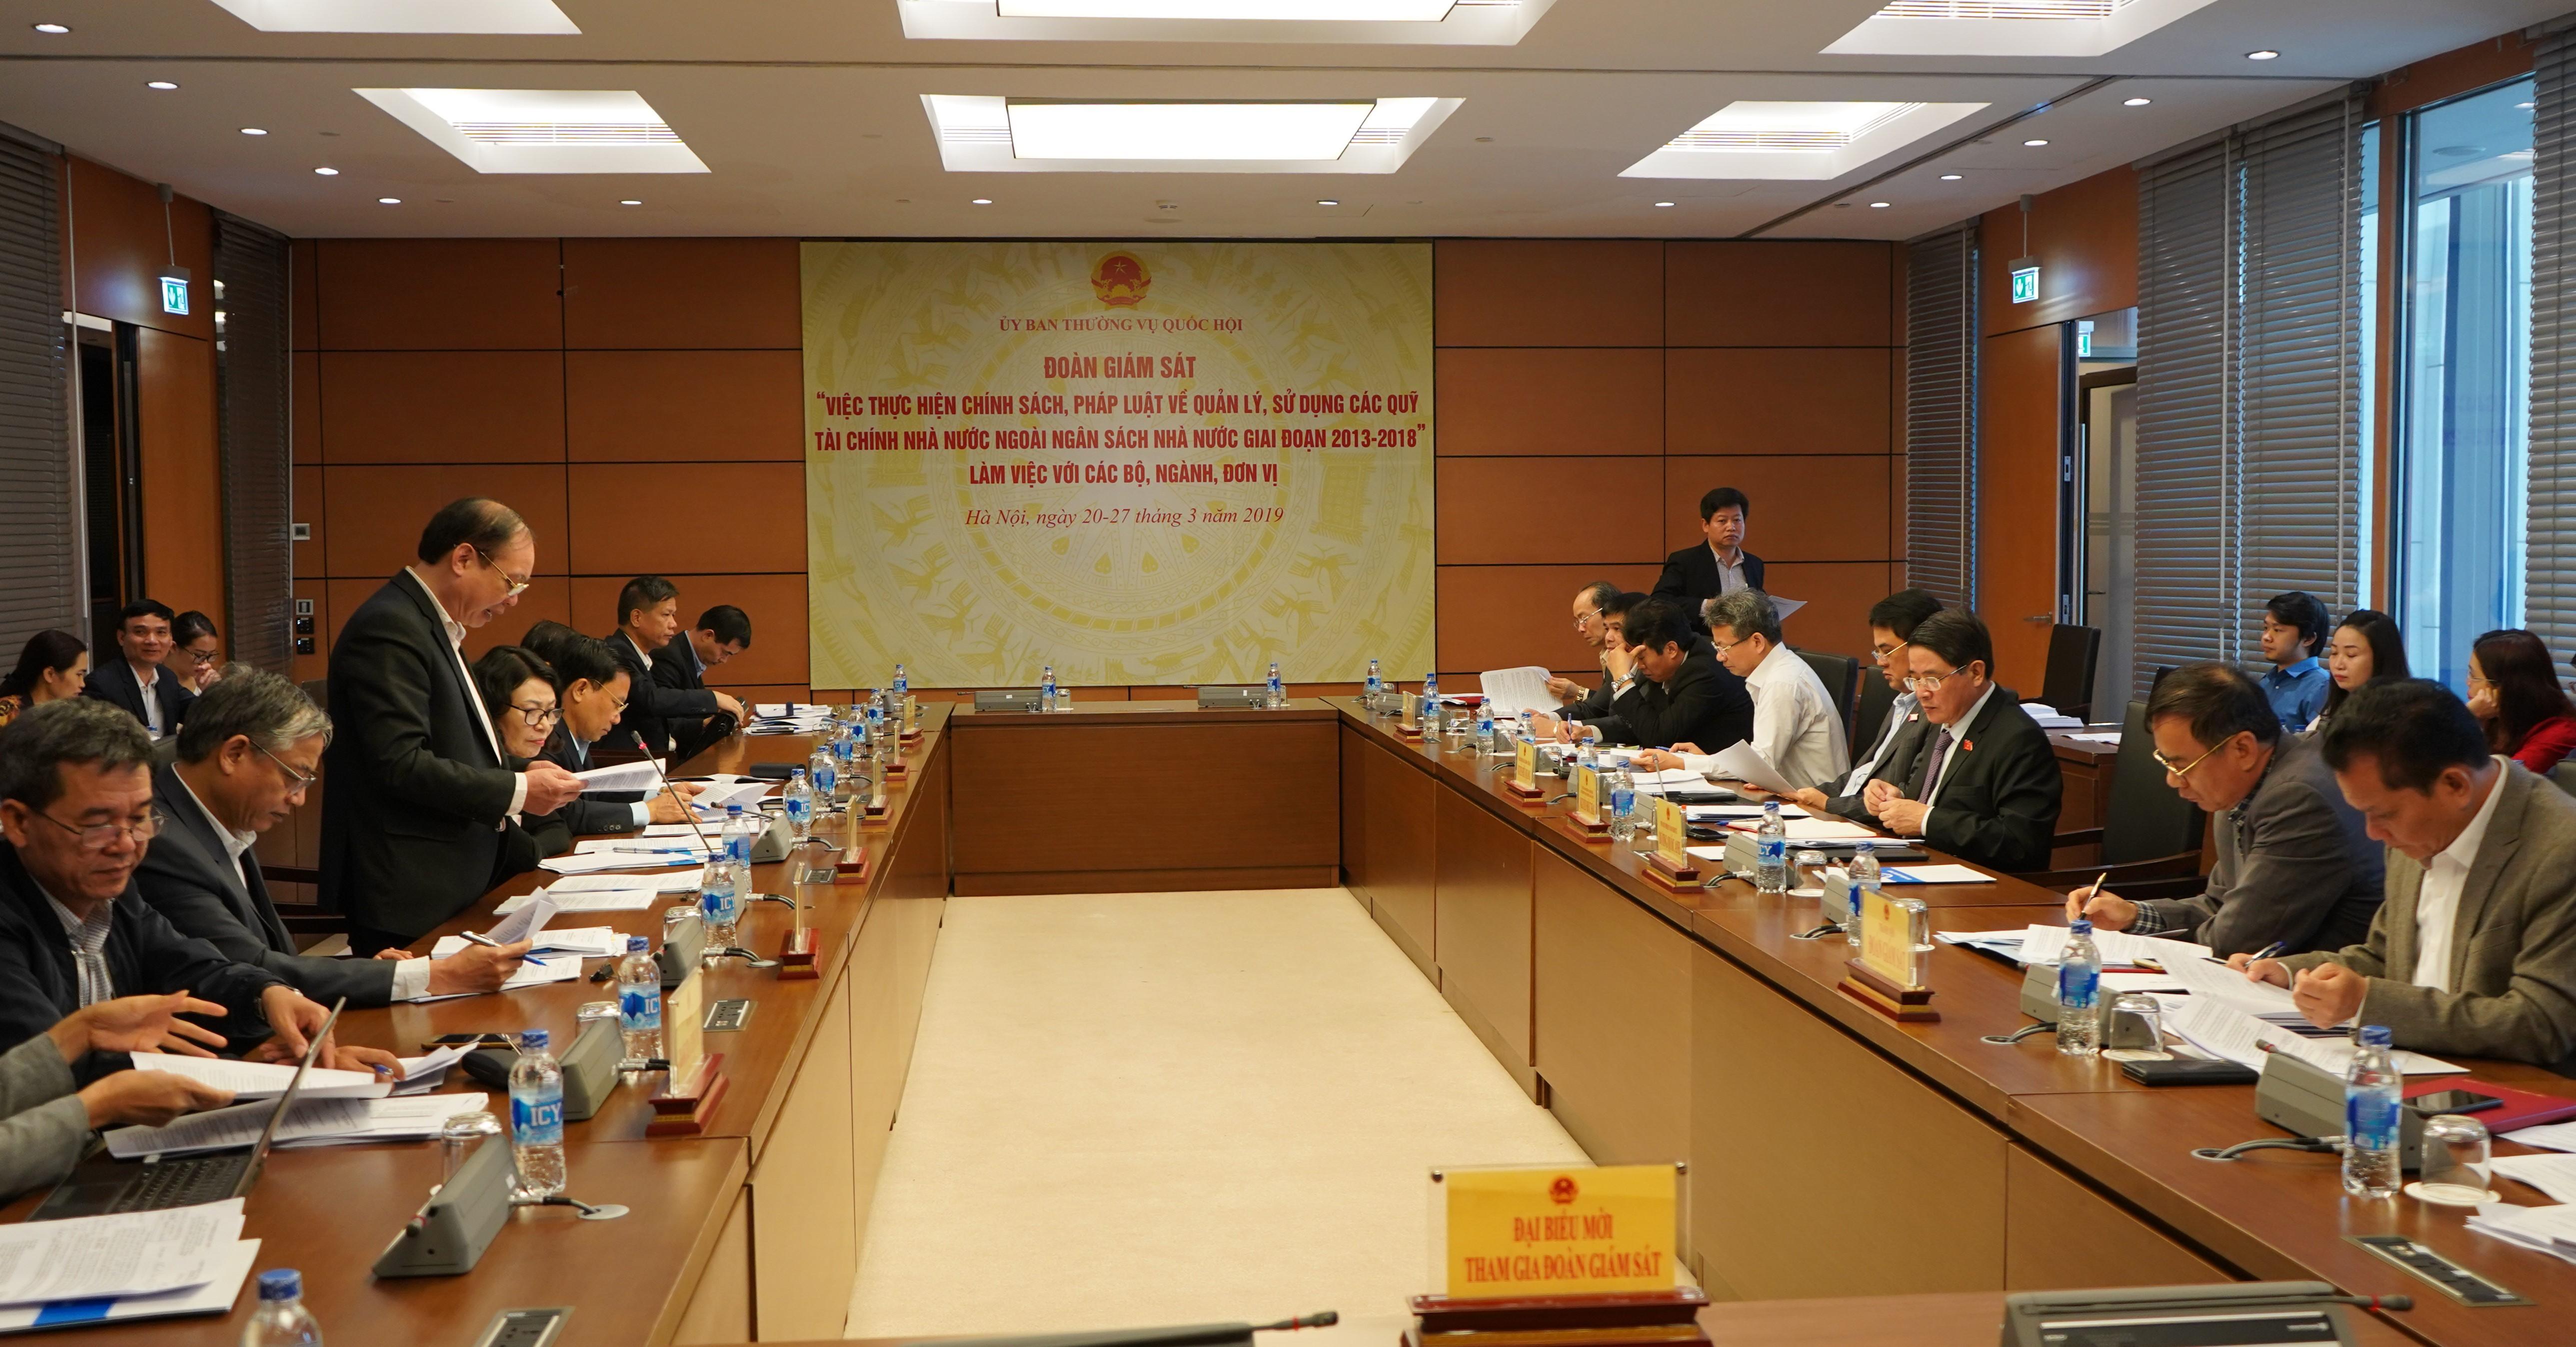 Đoàn giám sát của Ủy ban Thường vụ Quốc hội làm việc với Bảo hiểm xã hội Việt Nam